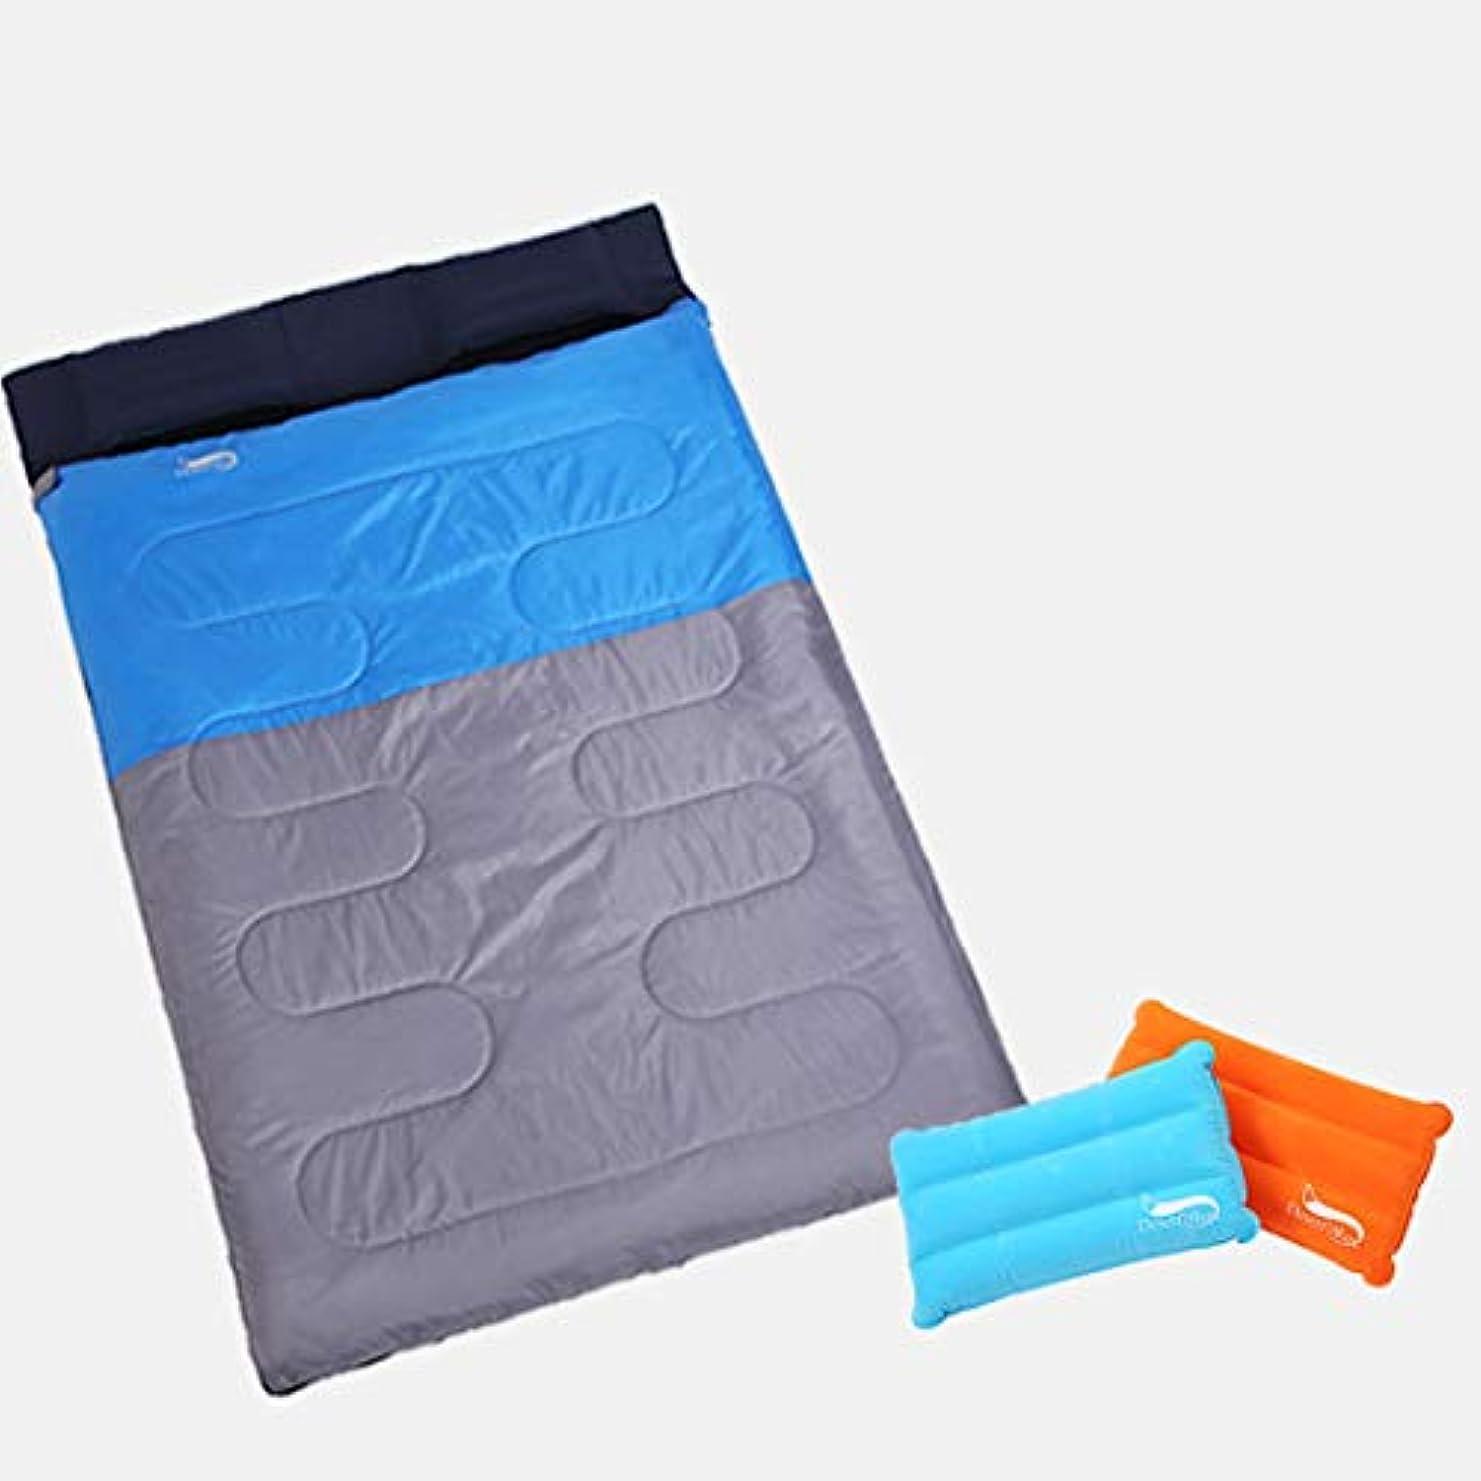 聡明十分に追放するLilyAngel ツインスリーピングバッグ、ピローアウトドアトラベル4シーズンライナーキャンプコットンワイドと厚い寝袋/ブルー